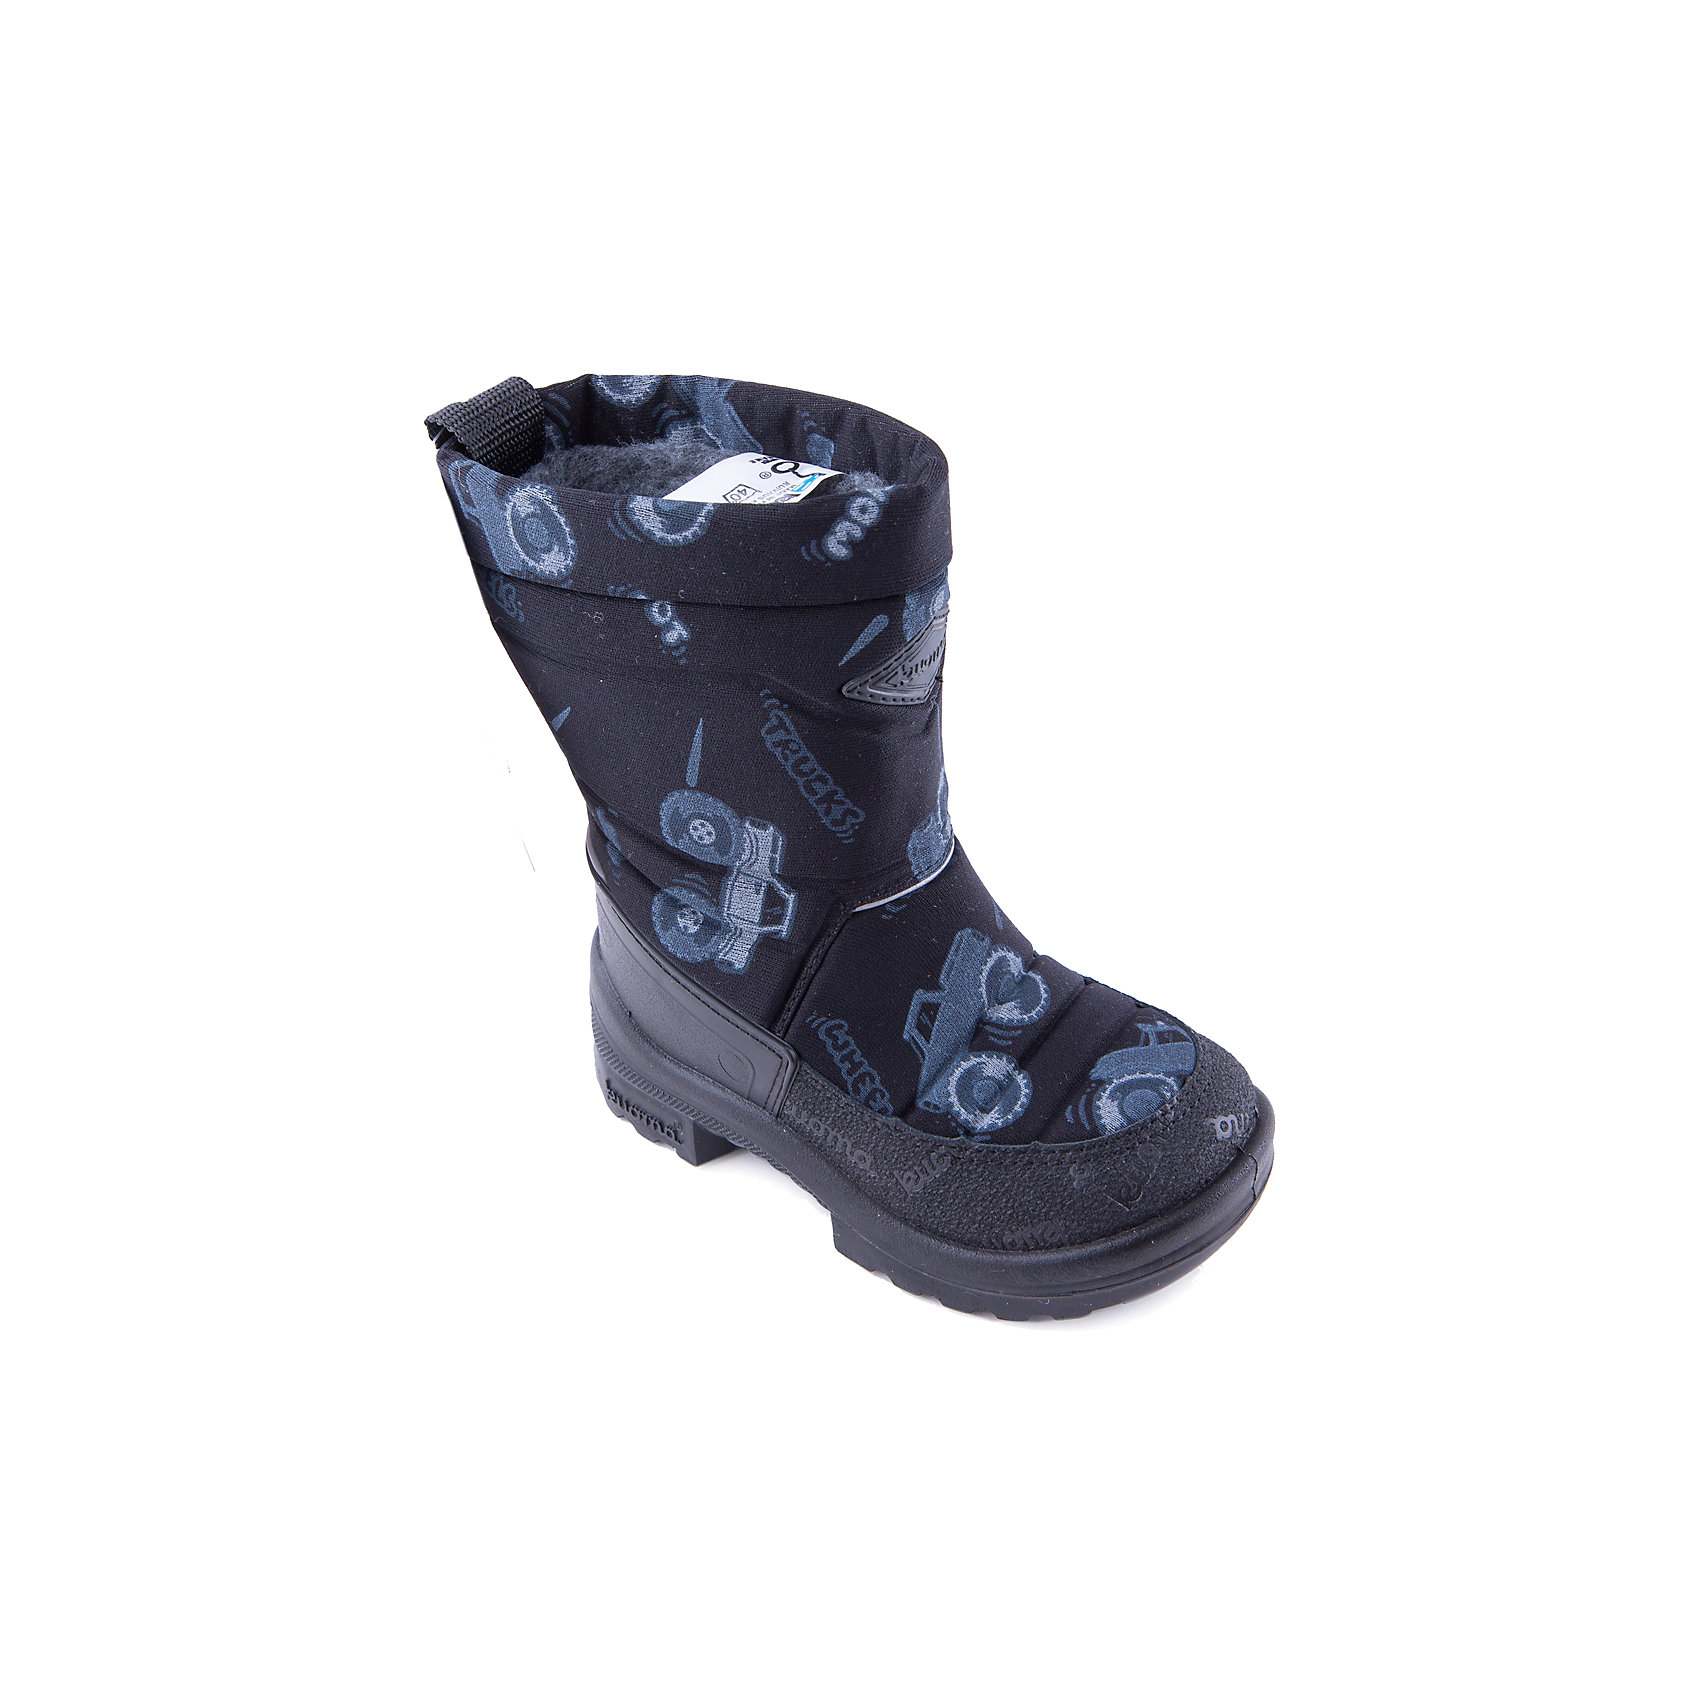 Зимние сапоги для мальчика KUOMAЗимние сапоги PUTKIVARSI от известного финского бренда kuoma® (Куома) исключительно теплые и очень удобные. Все изделия имеют крепкую амортизирующую подошву, которая «работает» даже в холодных зимних условиях. Кроме того, обувь снабжена сменными стельками и светоотражающими полосками в целях повышения безопасности. Матерчатый верх обуви проходят специальную противогрязевую и влагоотталкивающую обработку. Обувь kuoma® (Куома) подходит даже для самых холодных зим.     <br><br>Температурный режим: от - 5°C до - 30°C.<br><br>Состав:<br>Верх - триплированный, износостойкий, влагостойкий материал, стелька - иск/войлок, подошва - износостойкая, гибкая из полиуритана.Состав: <br>Материал верха: Полиамид с пропиткой.<br><br>Ширина мм: 257<br>Глубина мм: 180<br>Высота мм: 130<br>Вес г: 420<br>Цвет: черный<br>Возраст от месяцев: 24<br>Возраст до месяцев: 24<br>Пол: Мужской<br>Возраст: Детский<br>Размер: 25,39,38,35,32,33,31,23,24,30,26,27,29,28<br>SKU: 3756475